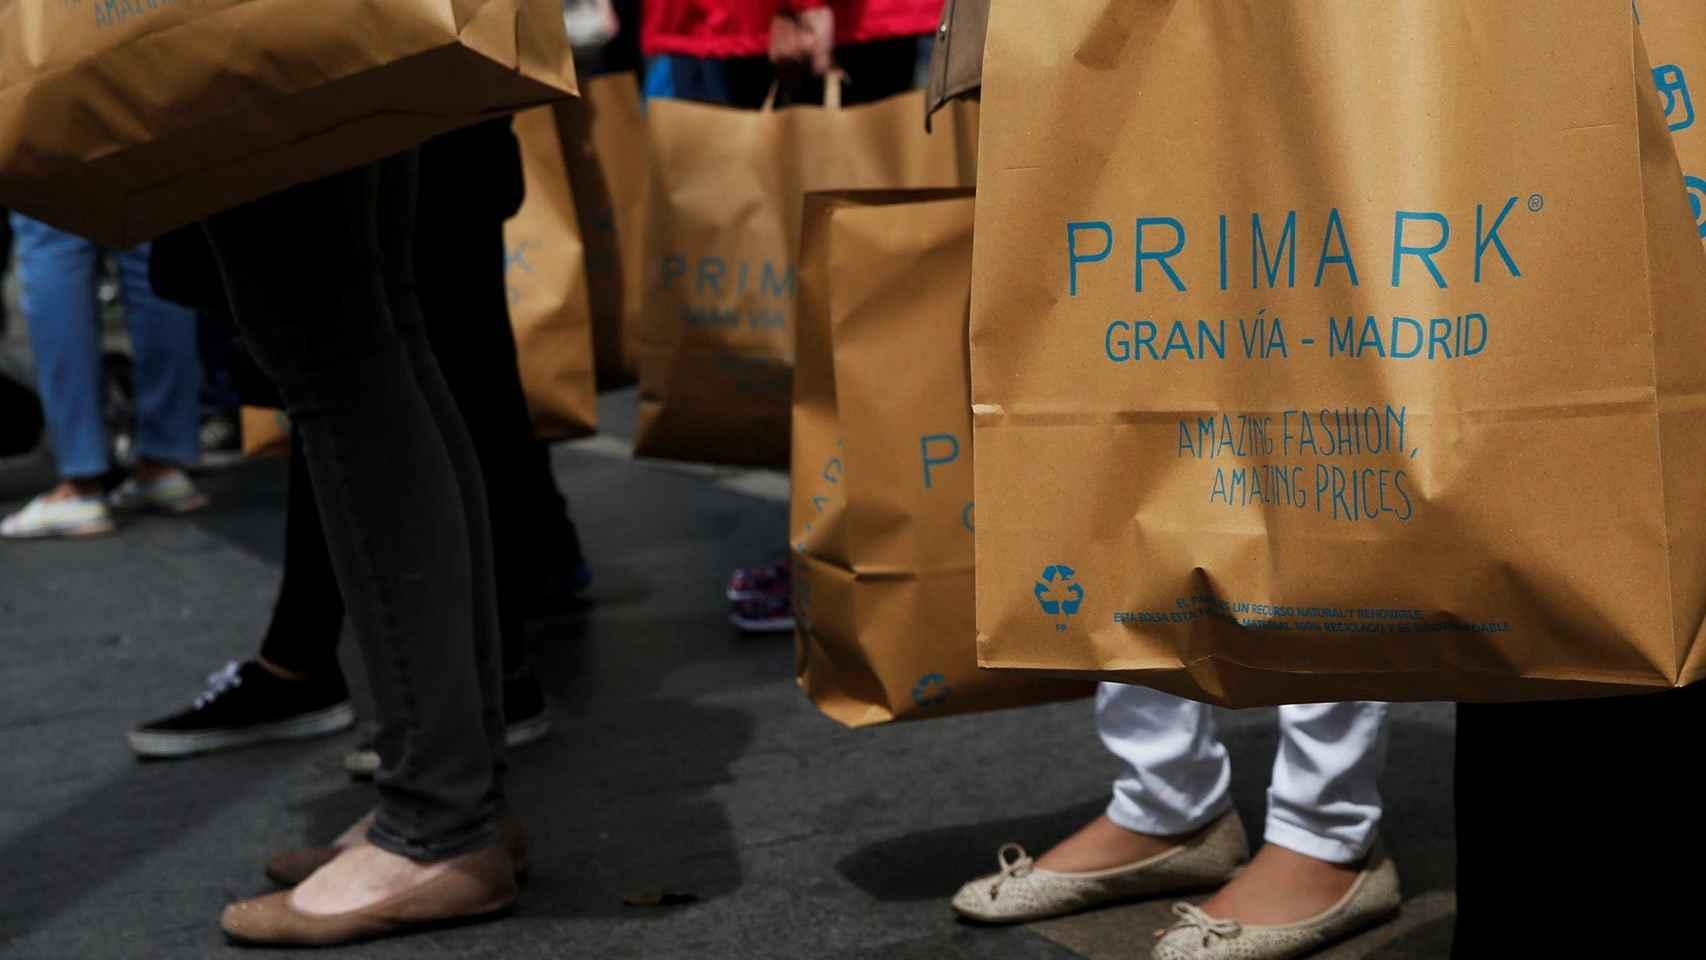 Bolsas de Primark.